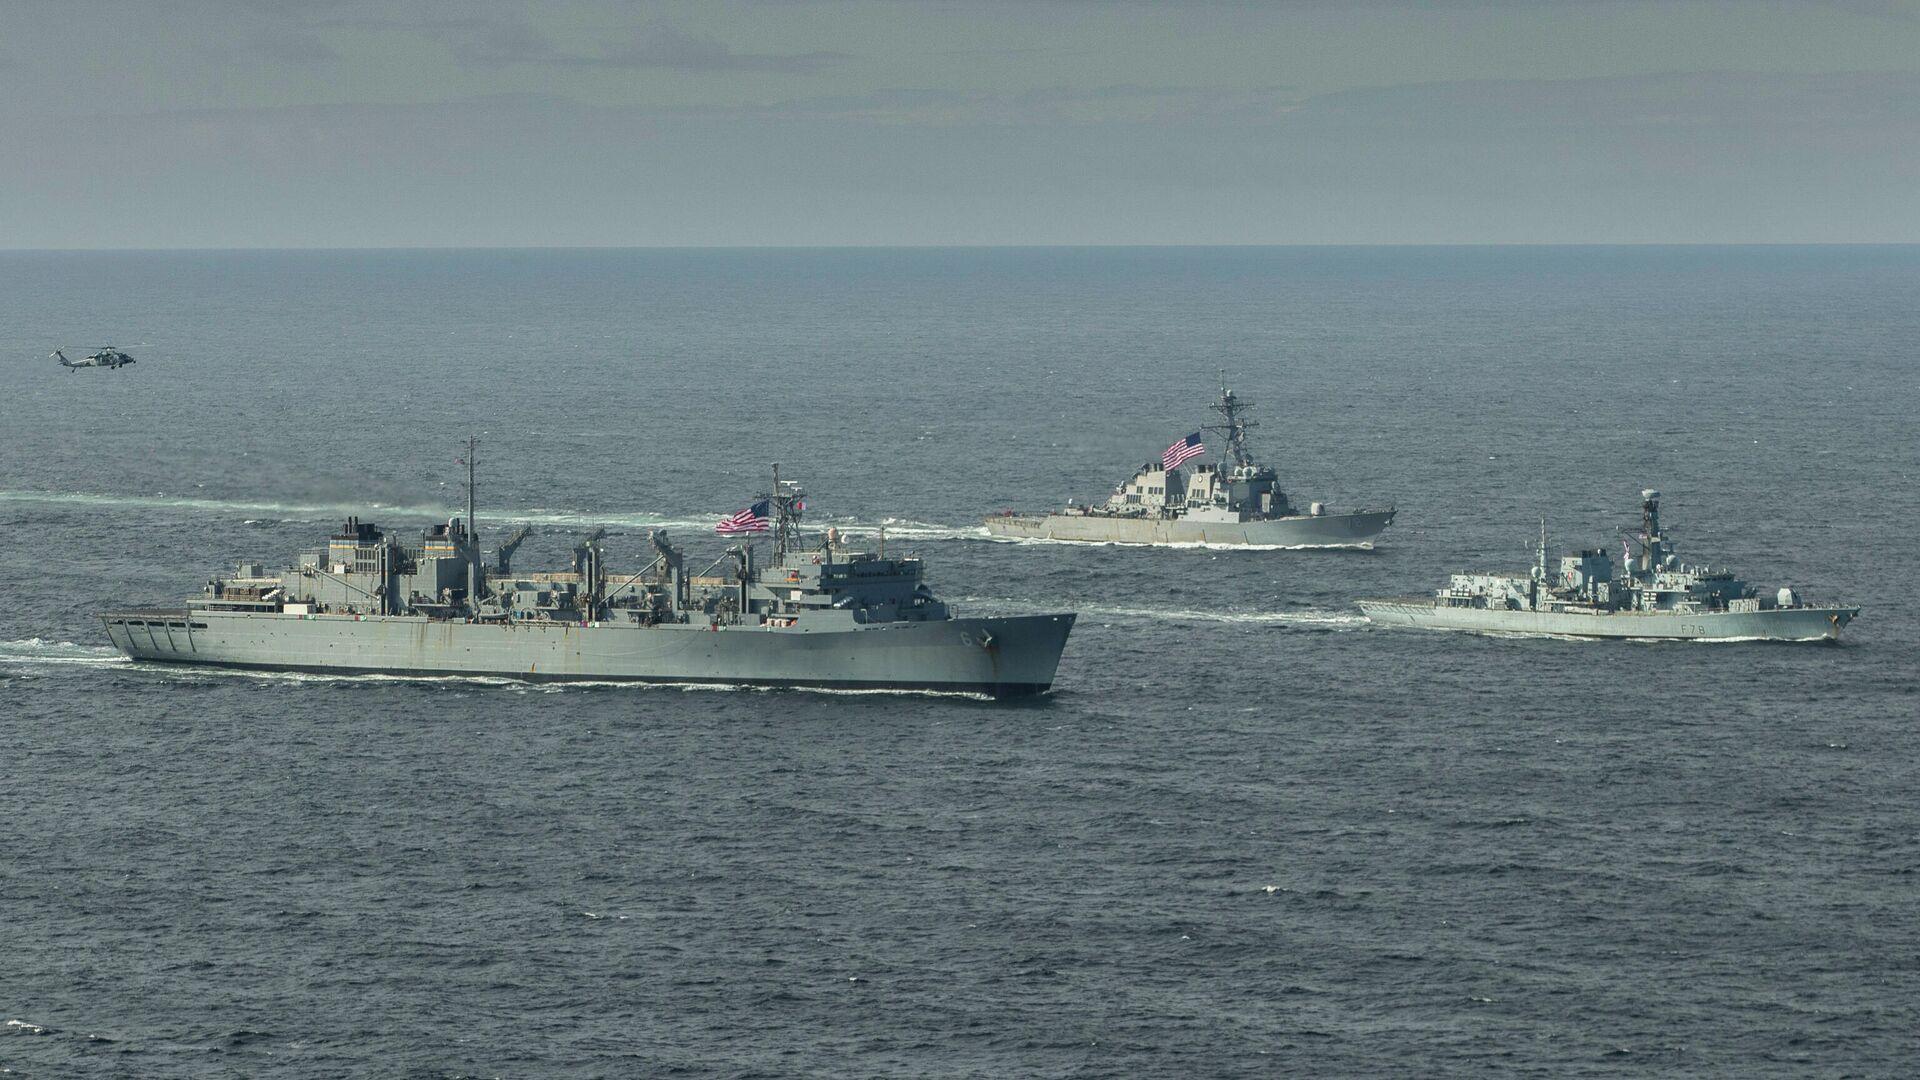 Эсминец ВМС США Портер, корабль поддержки USNS Supply и британский фрегат Кент во время учений в Баренцевом море. 5 мая 2020  - РИА Новости, 1920, 16.09.2020